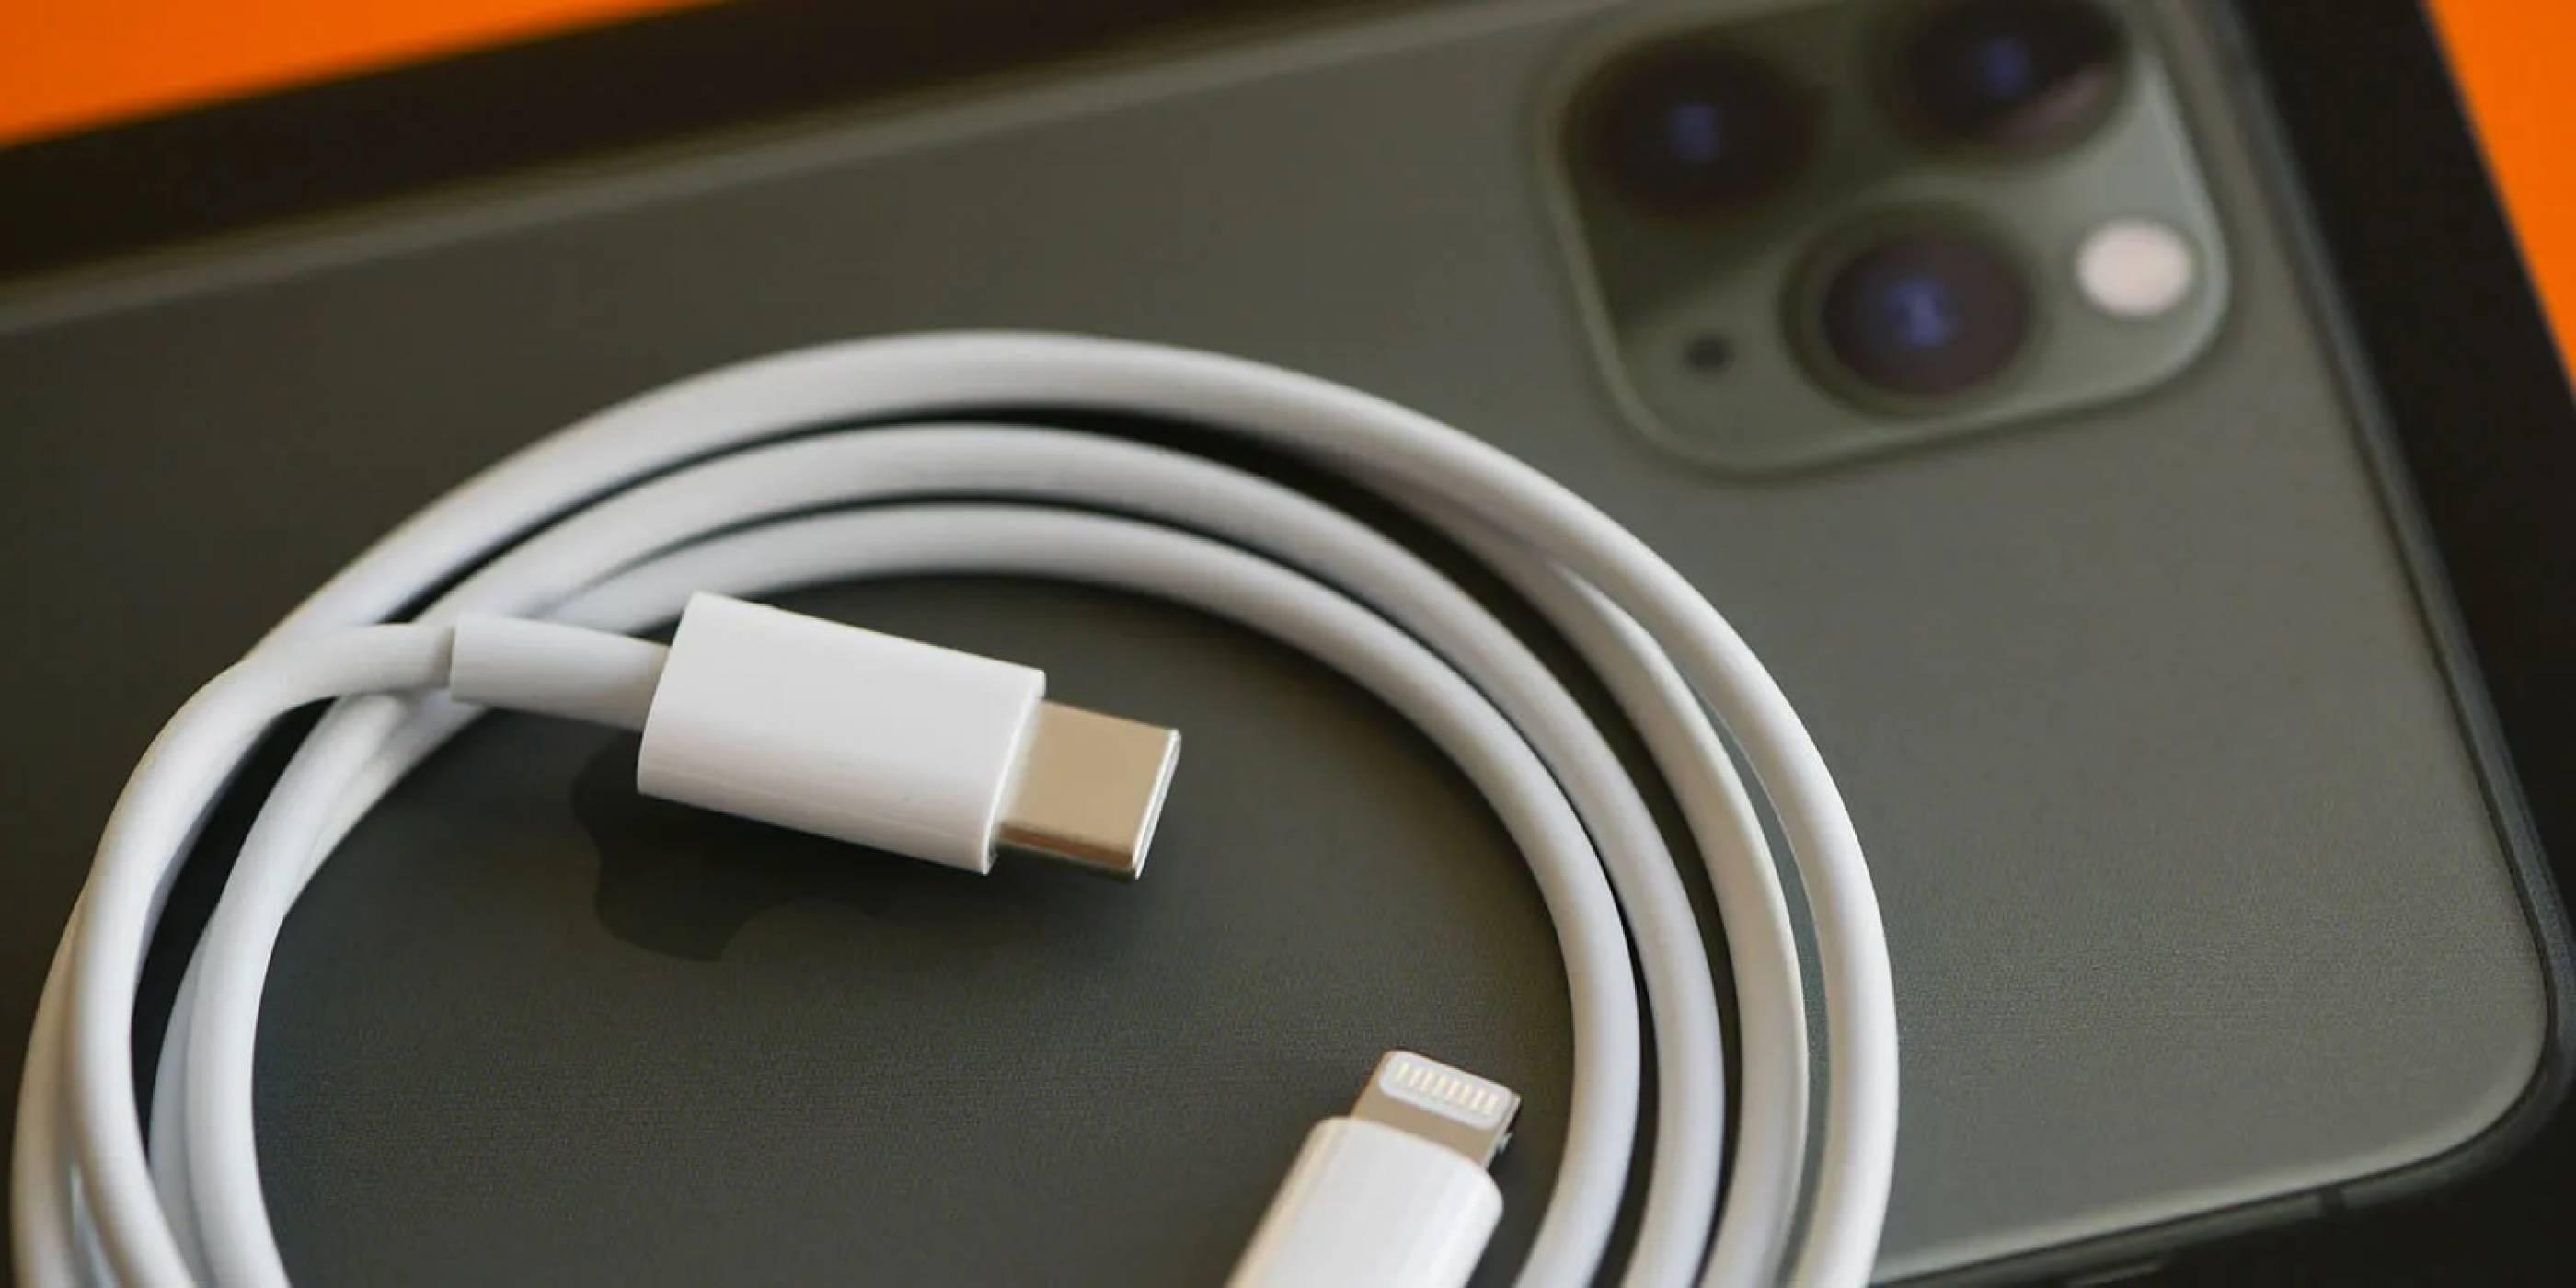 iPhone 13 може би ще поддържа 25W жично зареждане